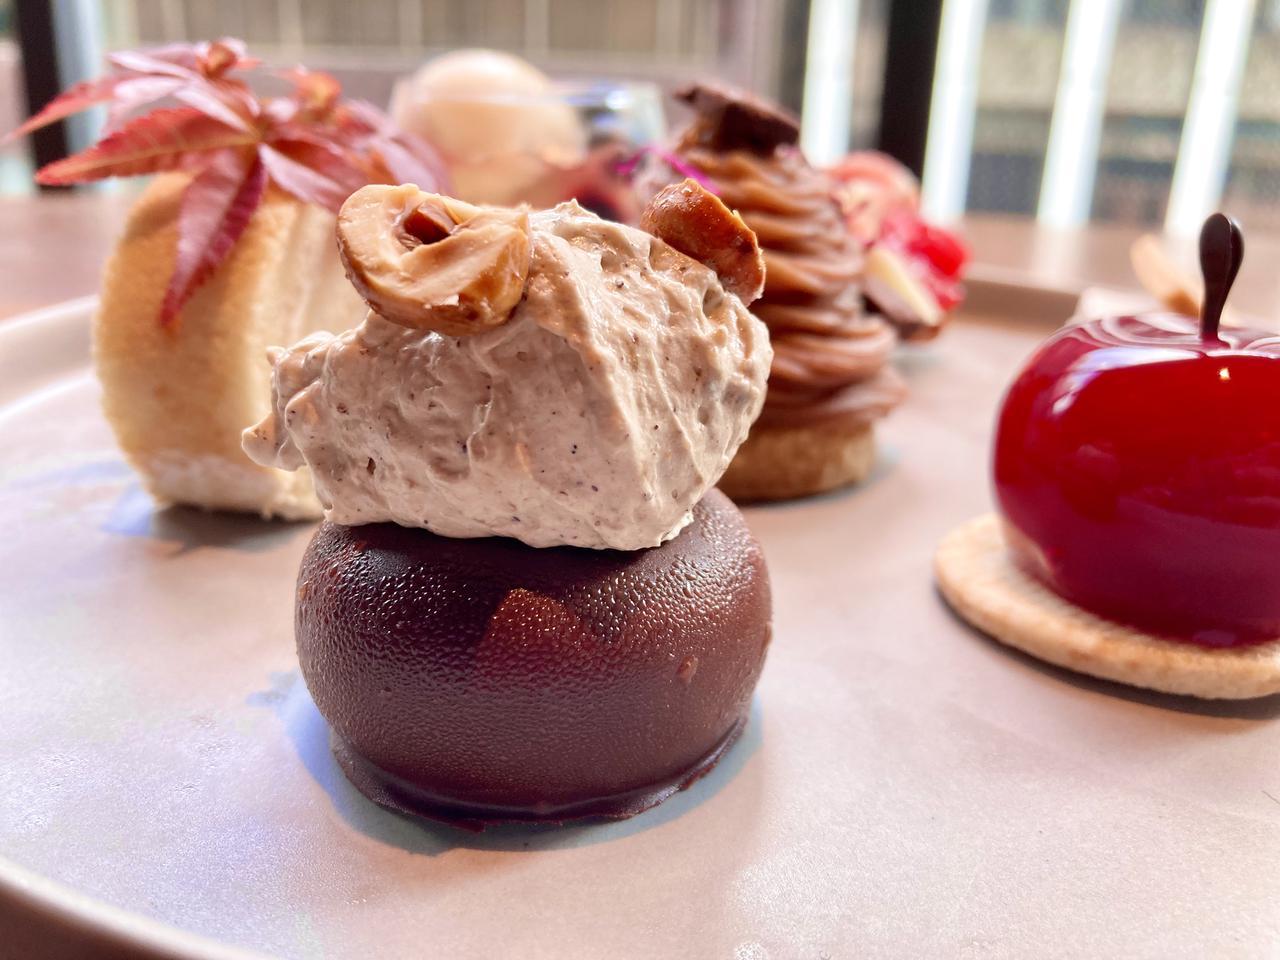 画像2: 【試食レポ】美食の秋を、ヴィーガンで♡ ホテルの華やかなケーキセットが見逃せない!